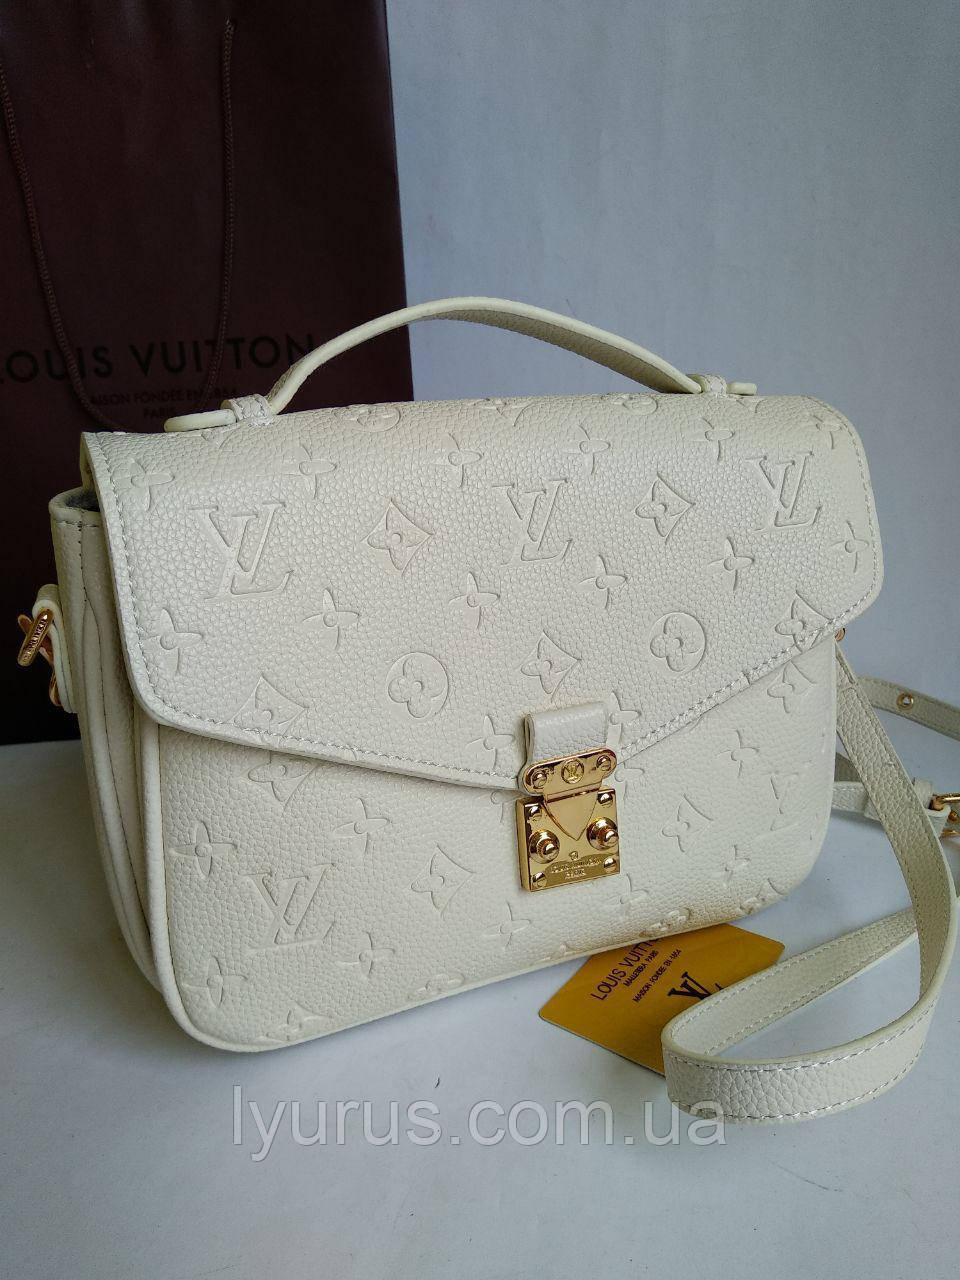 Женская сумка клатч Louis Vuitton Pochette Metis белого цвета